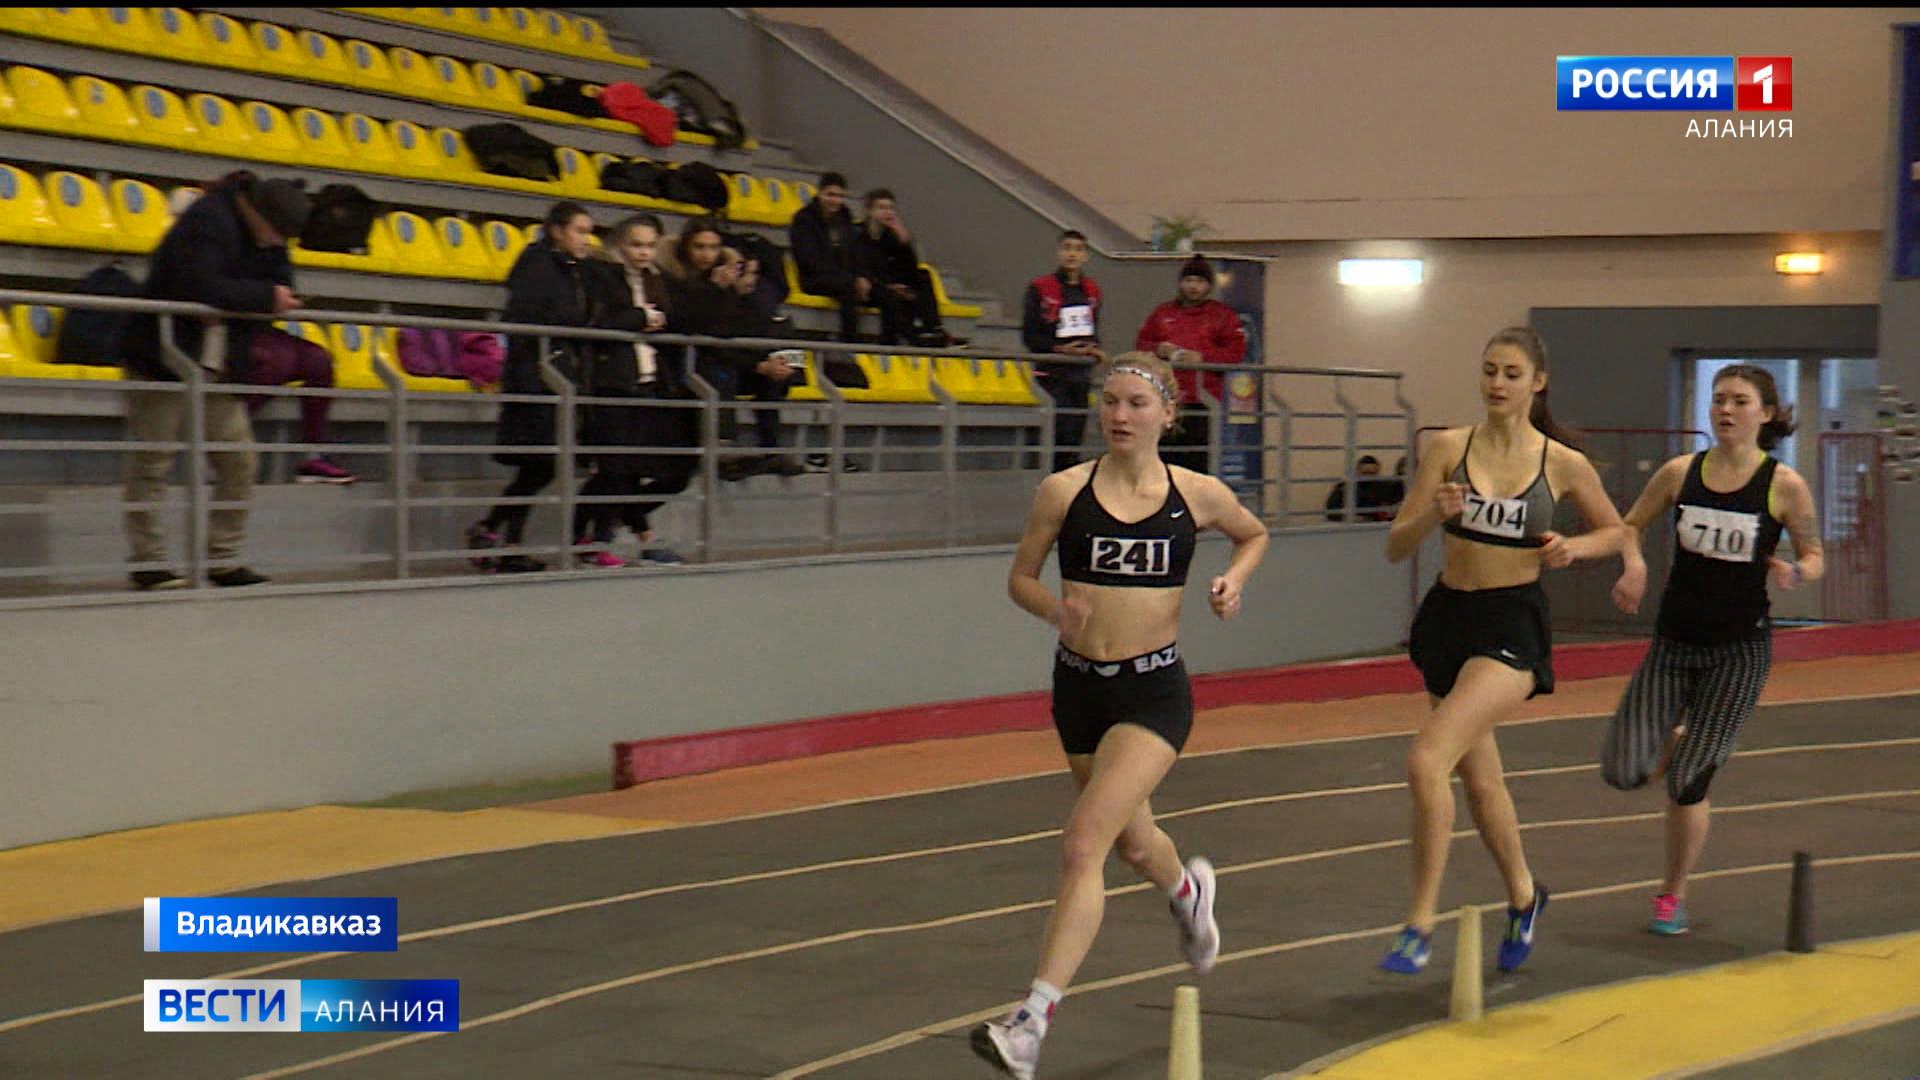 В Северной Осетии проходят чемпионат и первенство СКФО по легкой атлетике